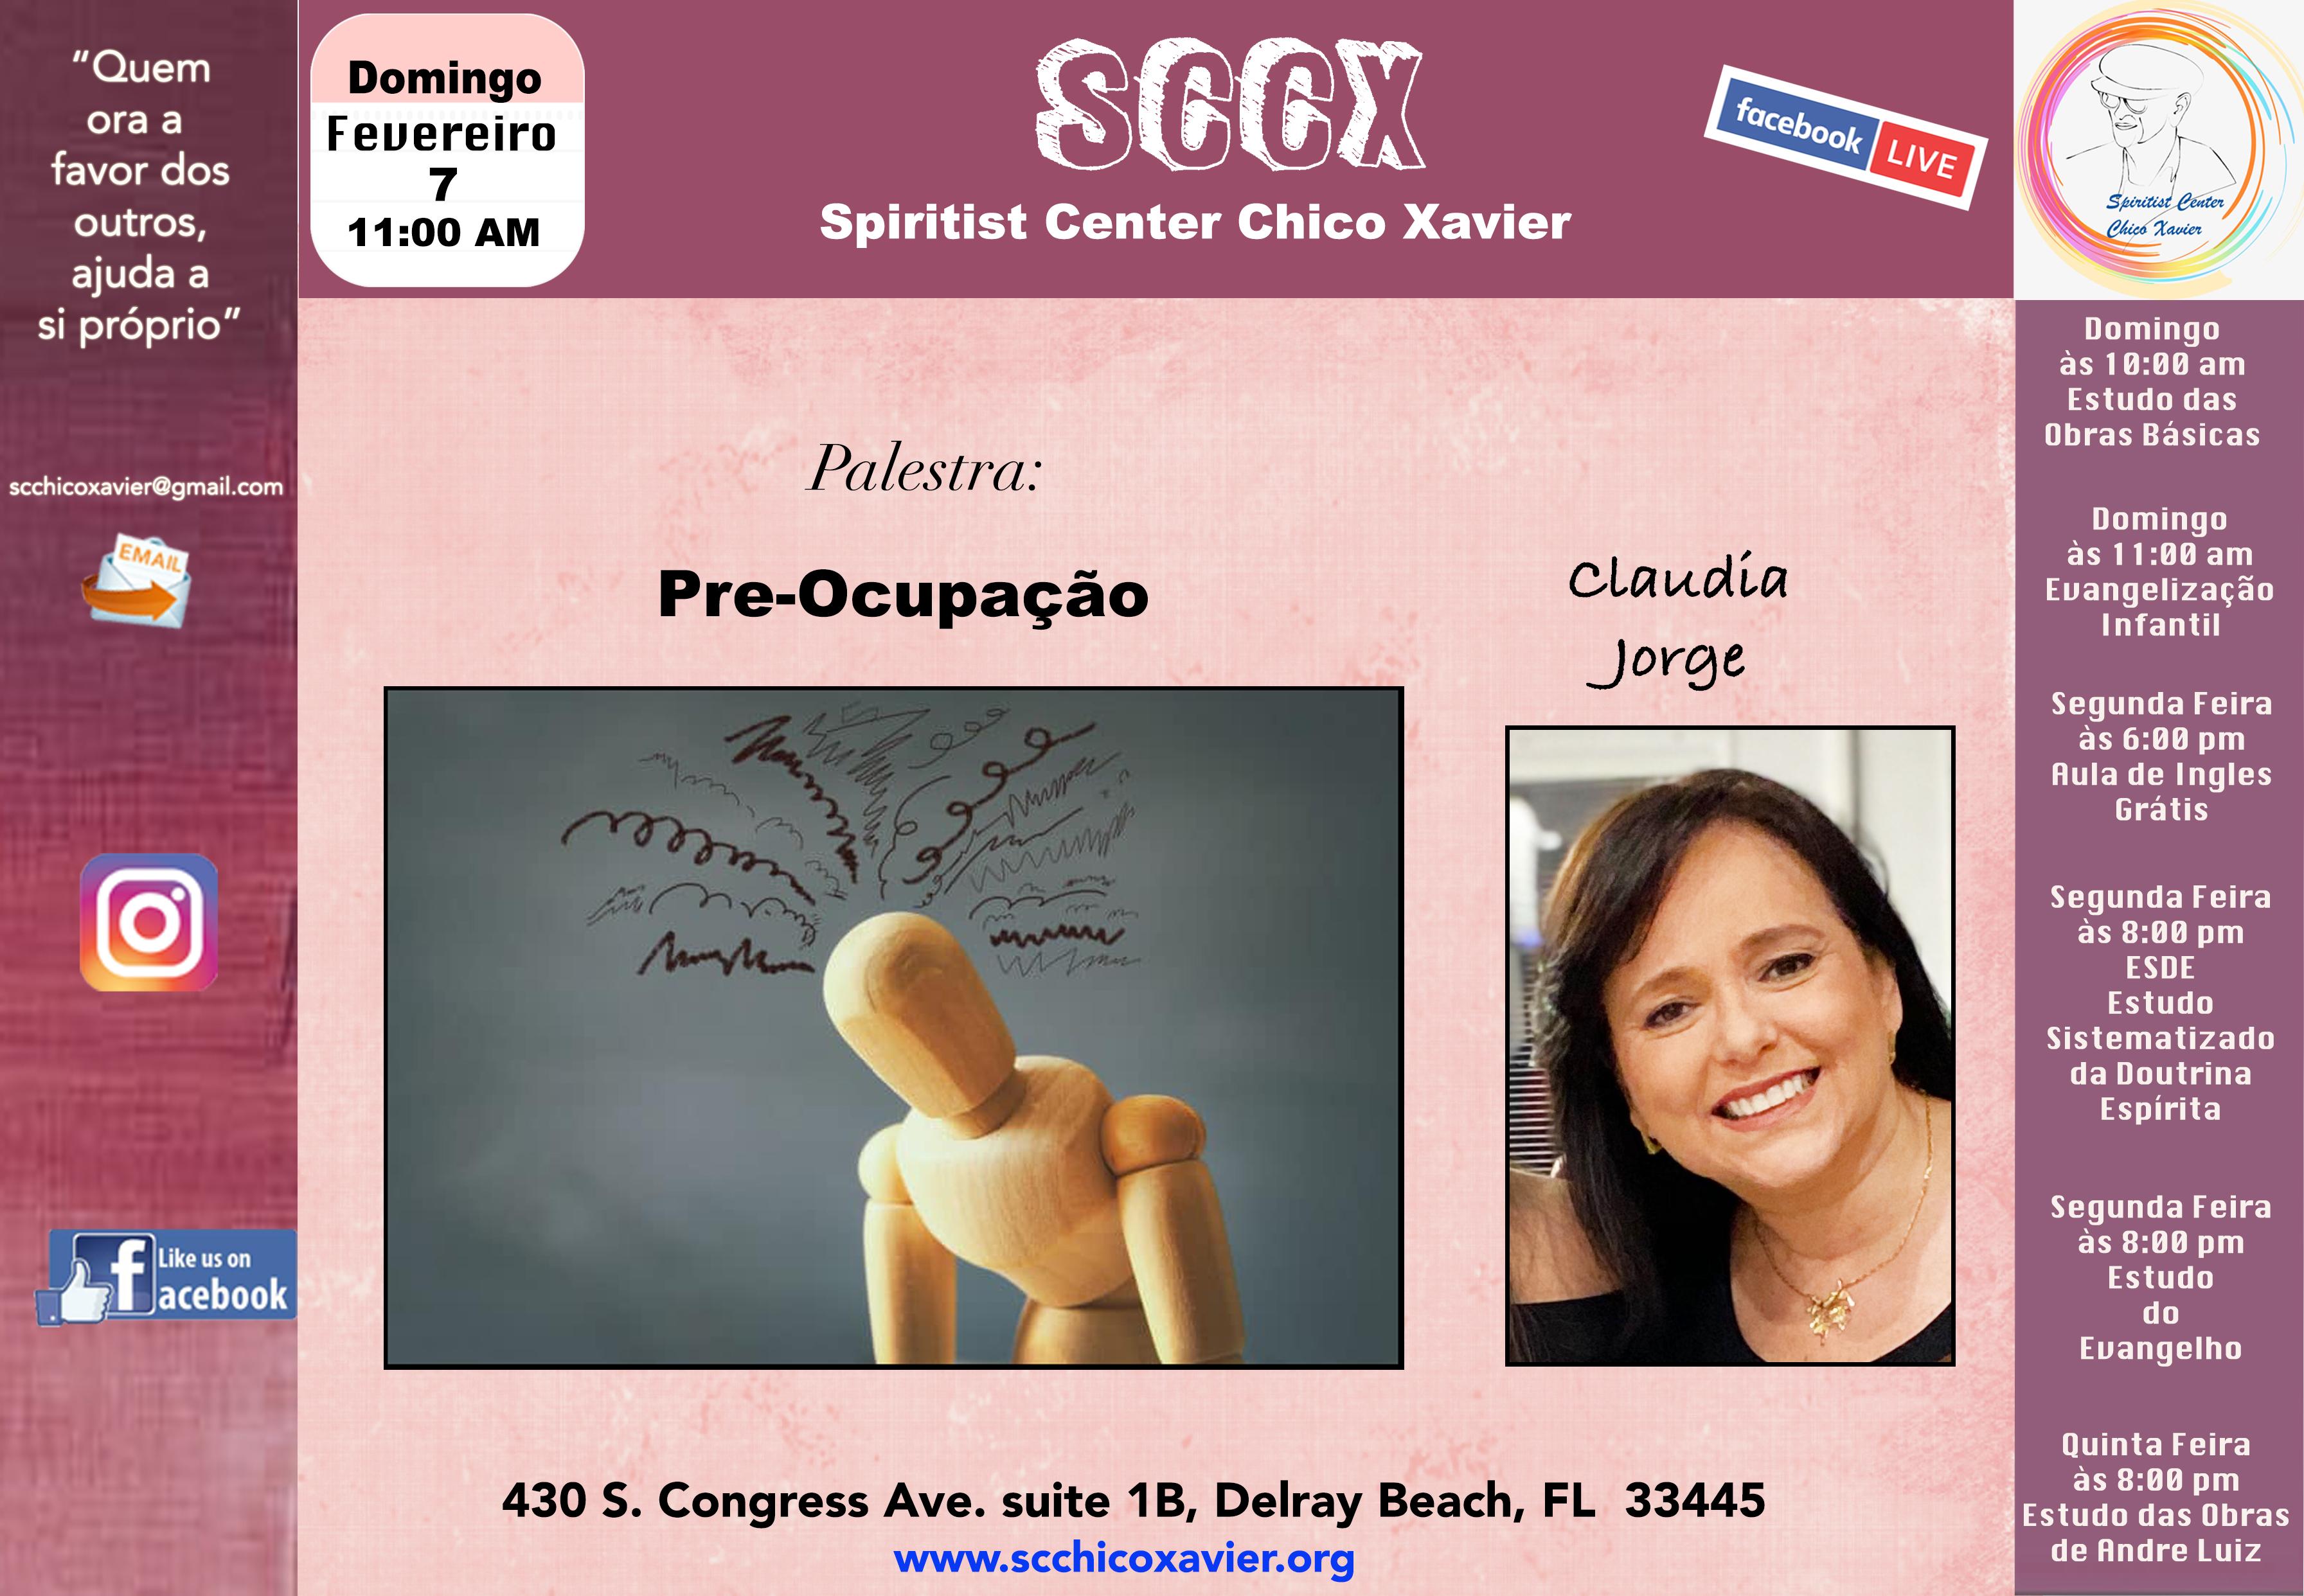 Claudia Jorge - Pre-ocupação